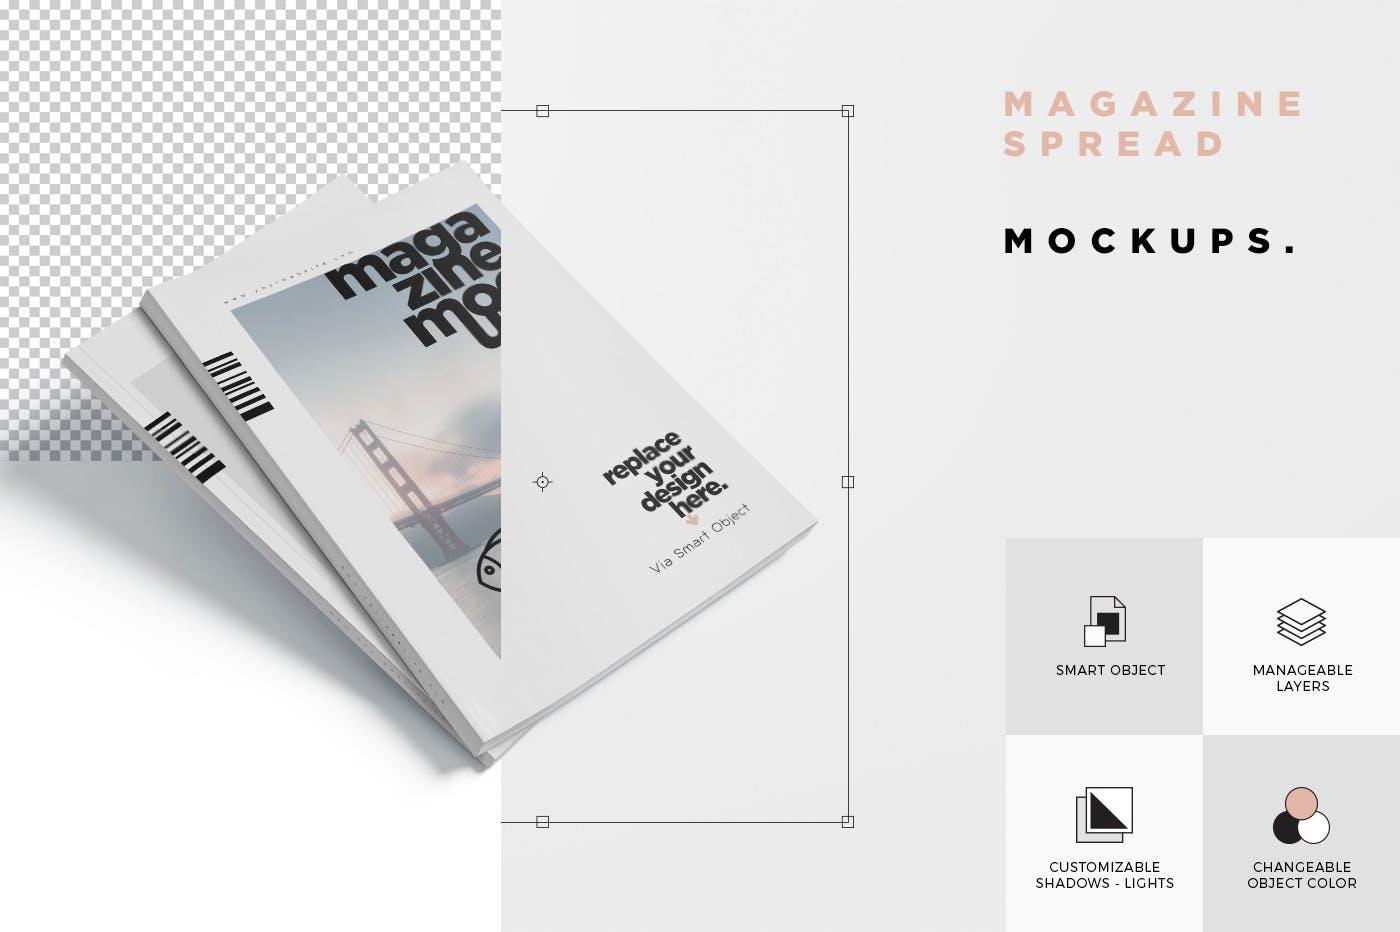 时尚杂志智能贴图样机素材  模板样机 Magazine Spread Mockups插图(4)